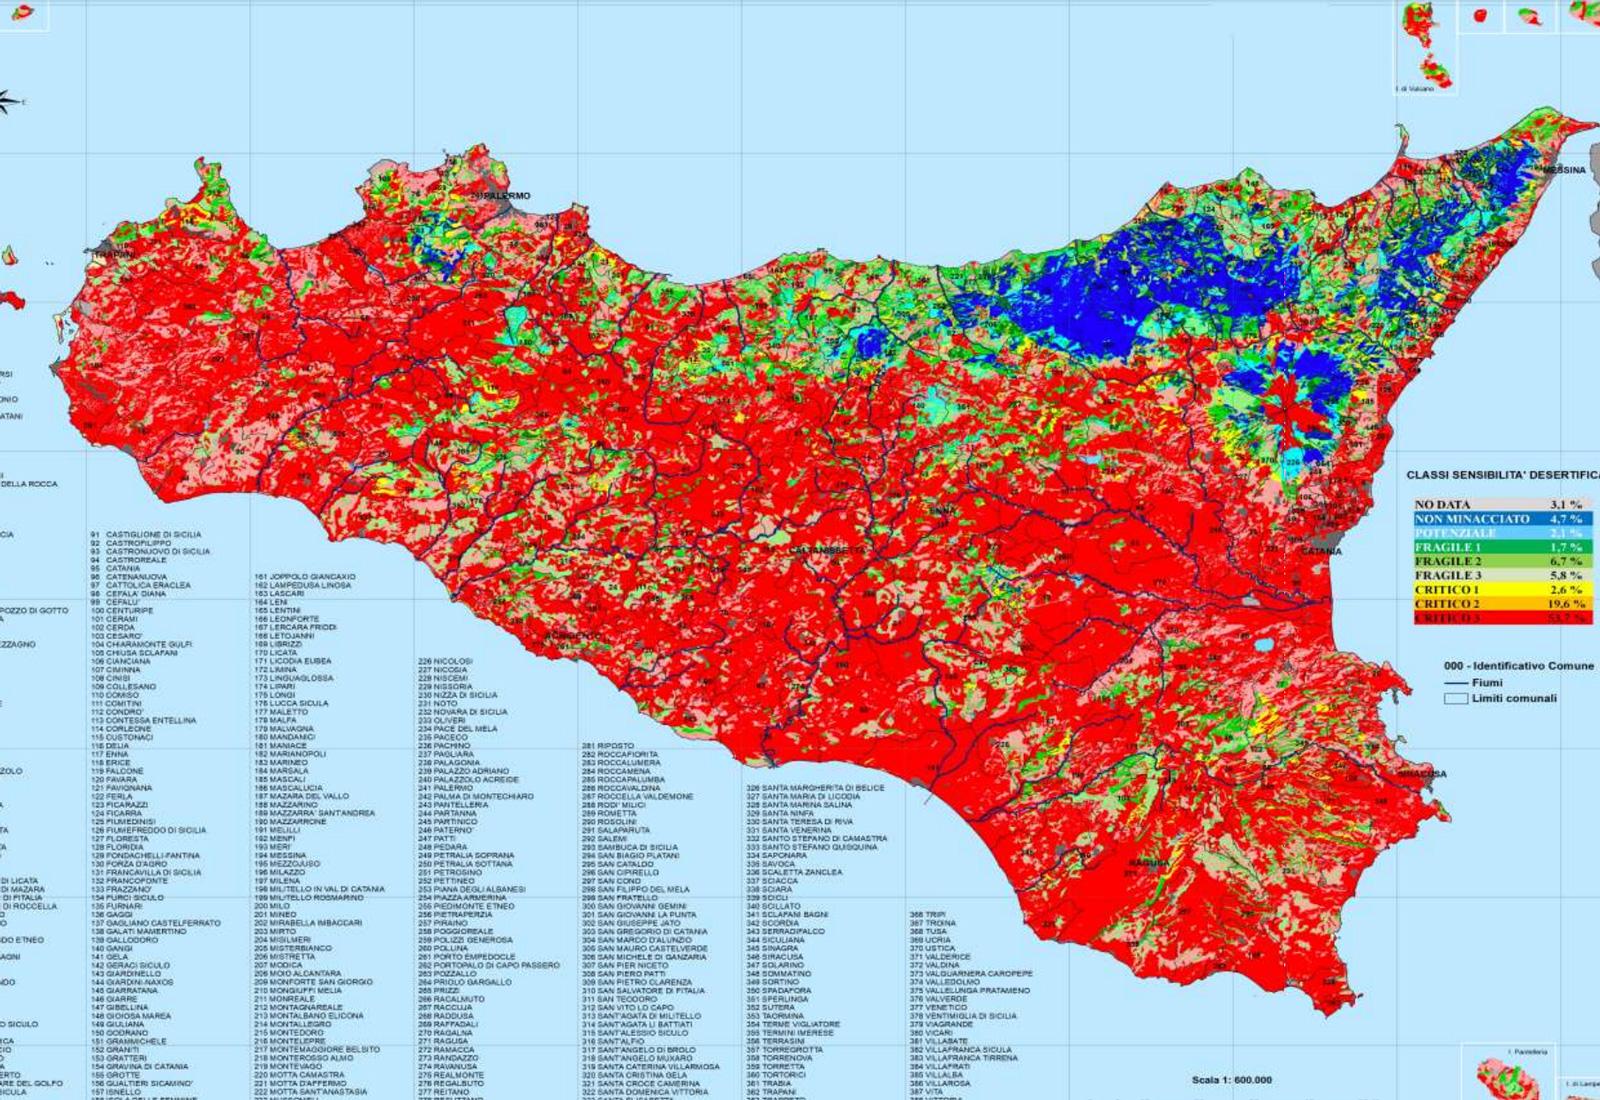 Calendario Regionale Sicilia.Sicilia A Rischio Desertificazione Come Cambia Il Clima